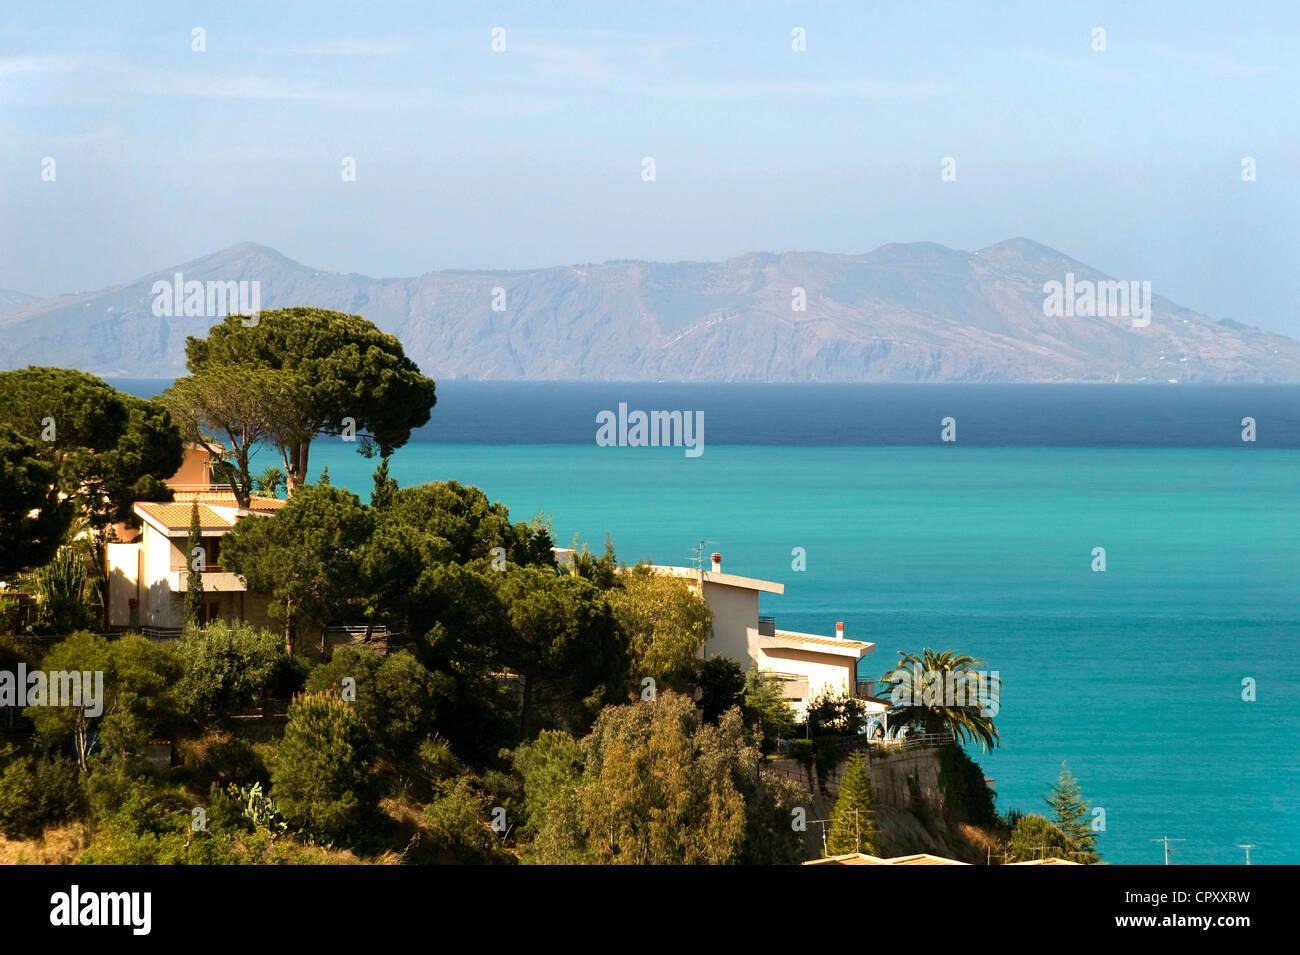 Italy, Sicily, Ionian Coast near Tindari - Stock Image